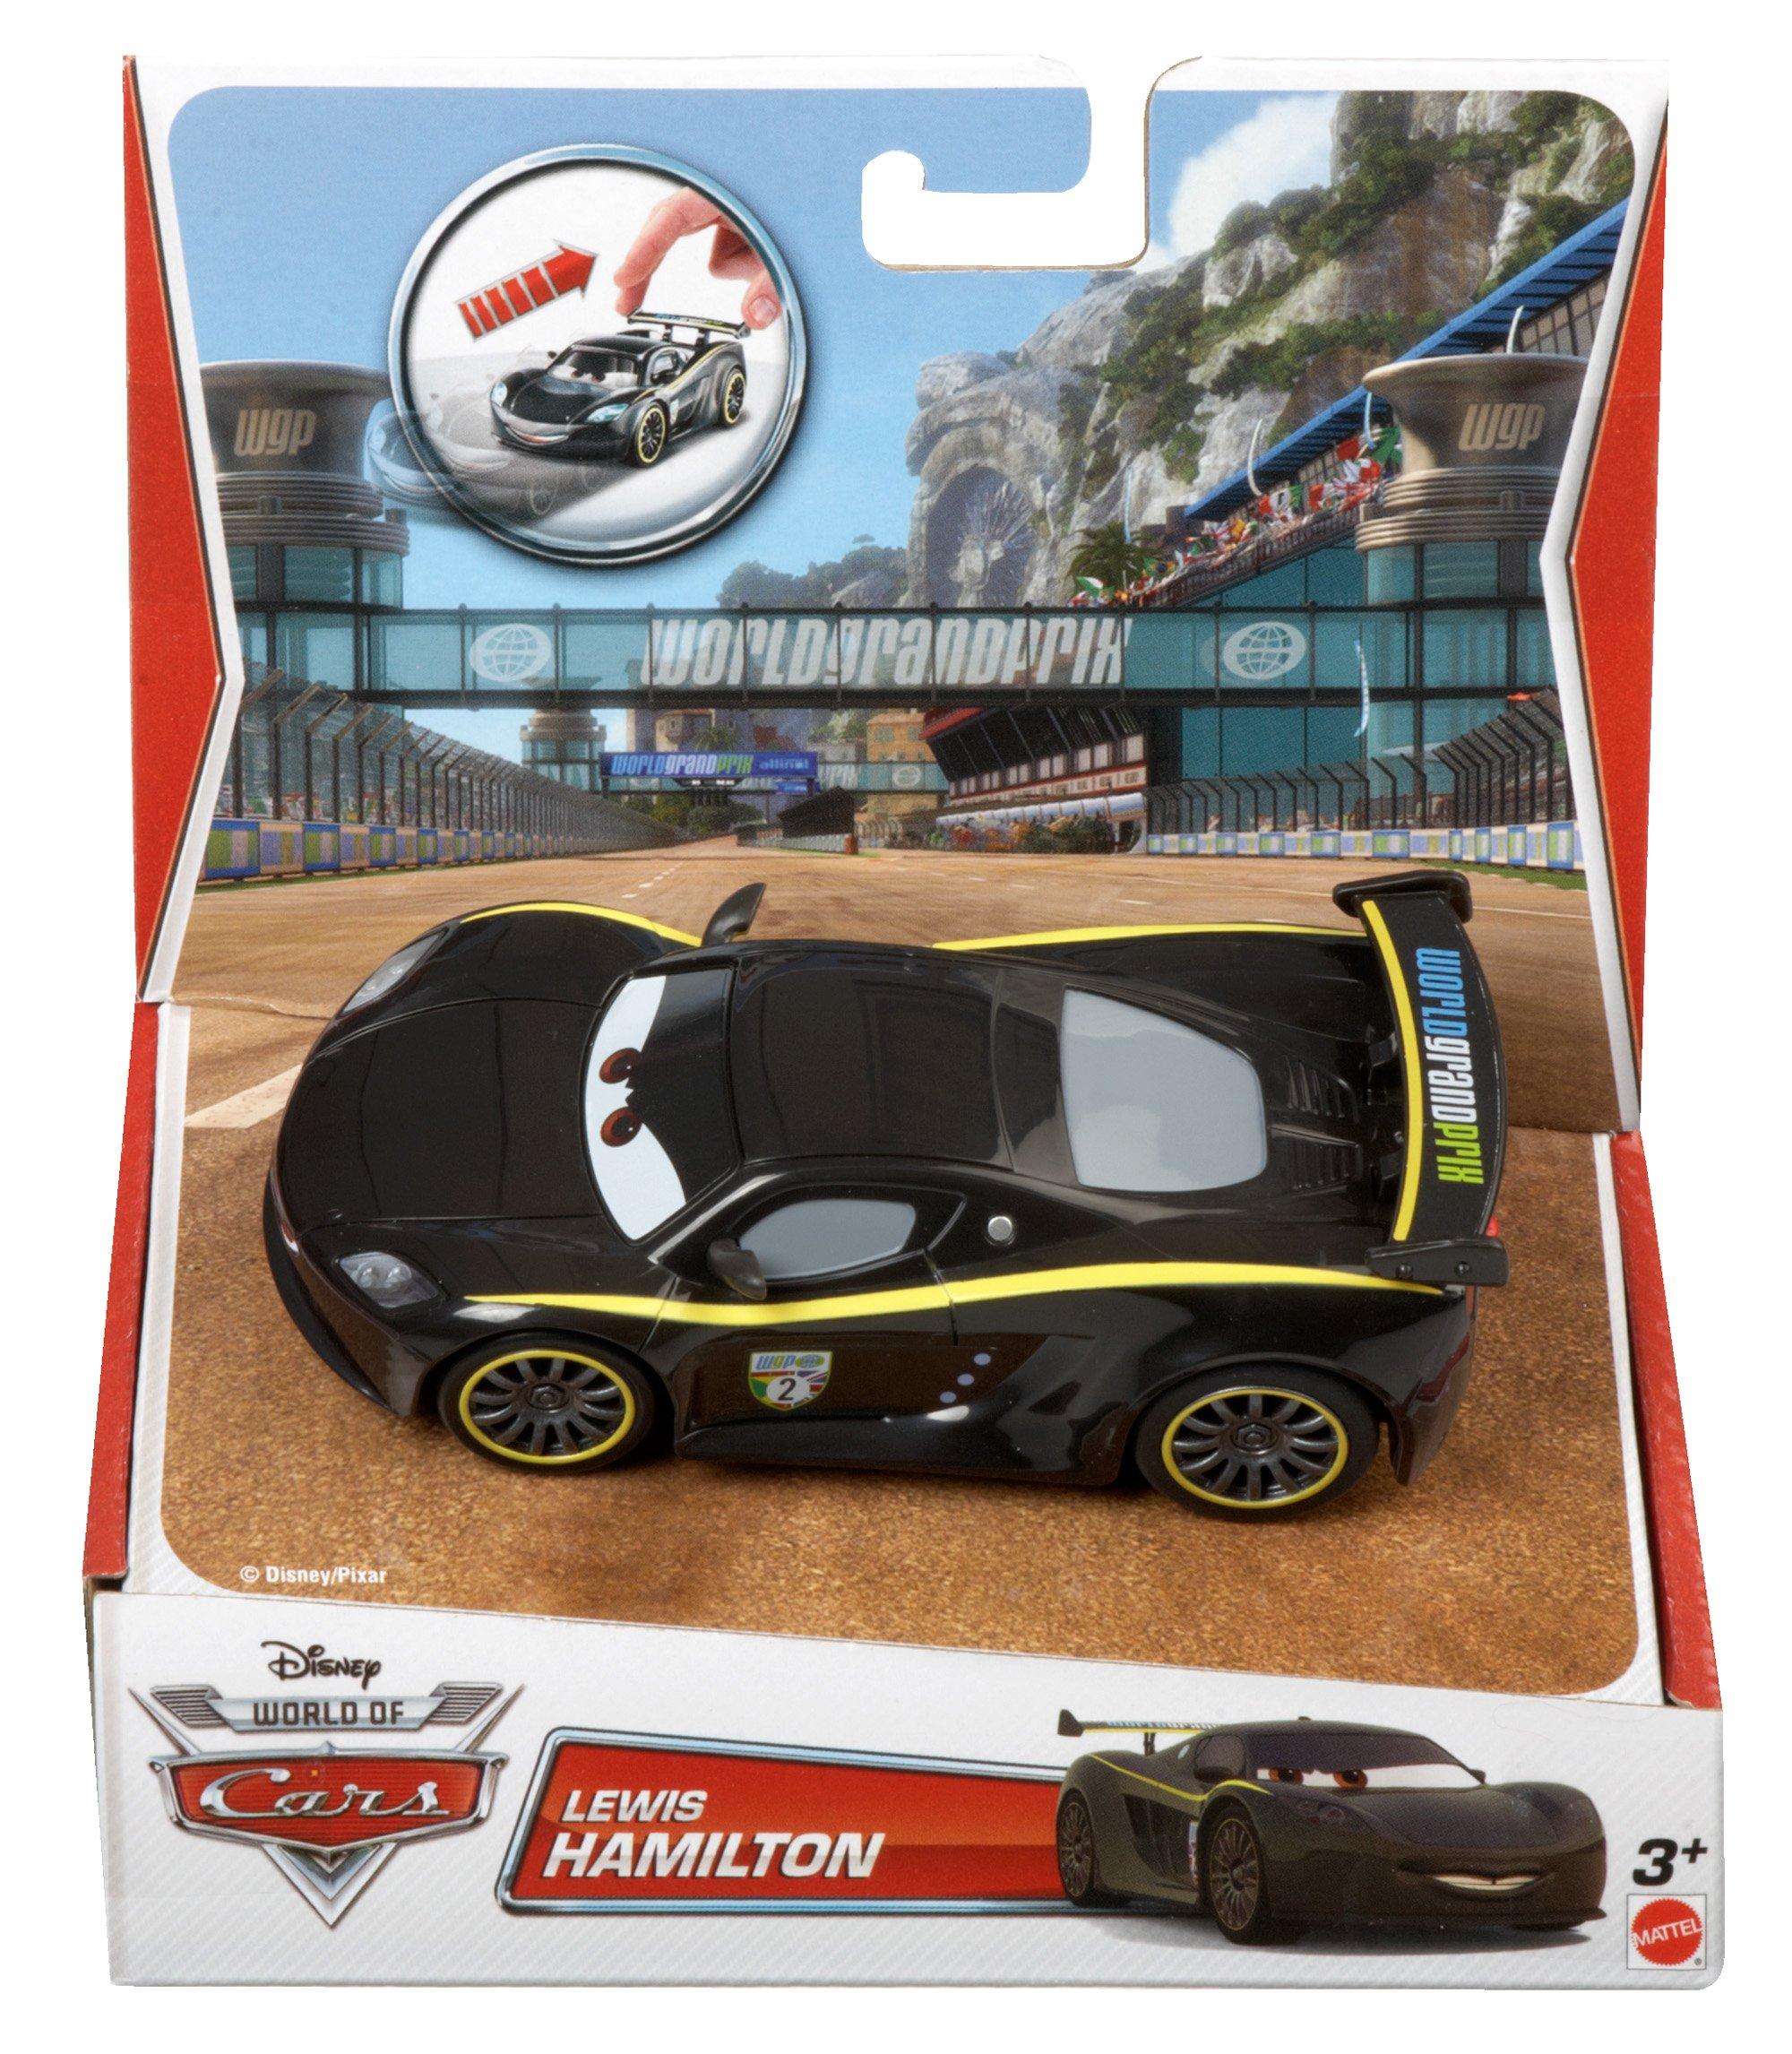 Disney Pixar Cars Pull Backs Lewis Hamilton Vehicle